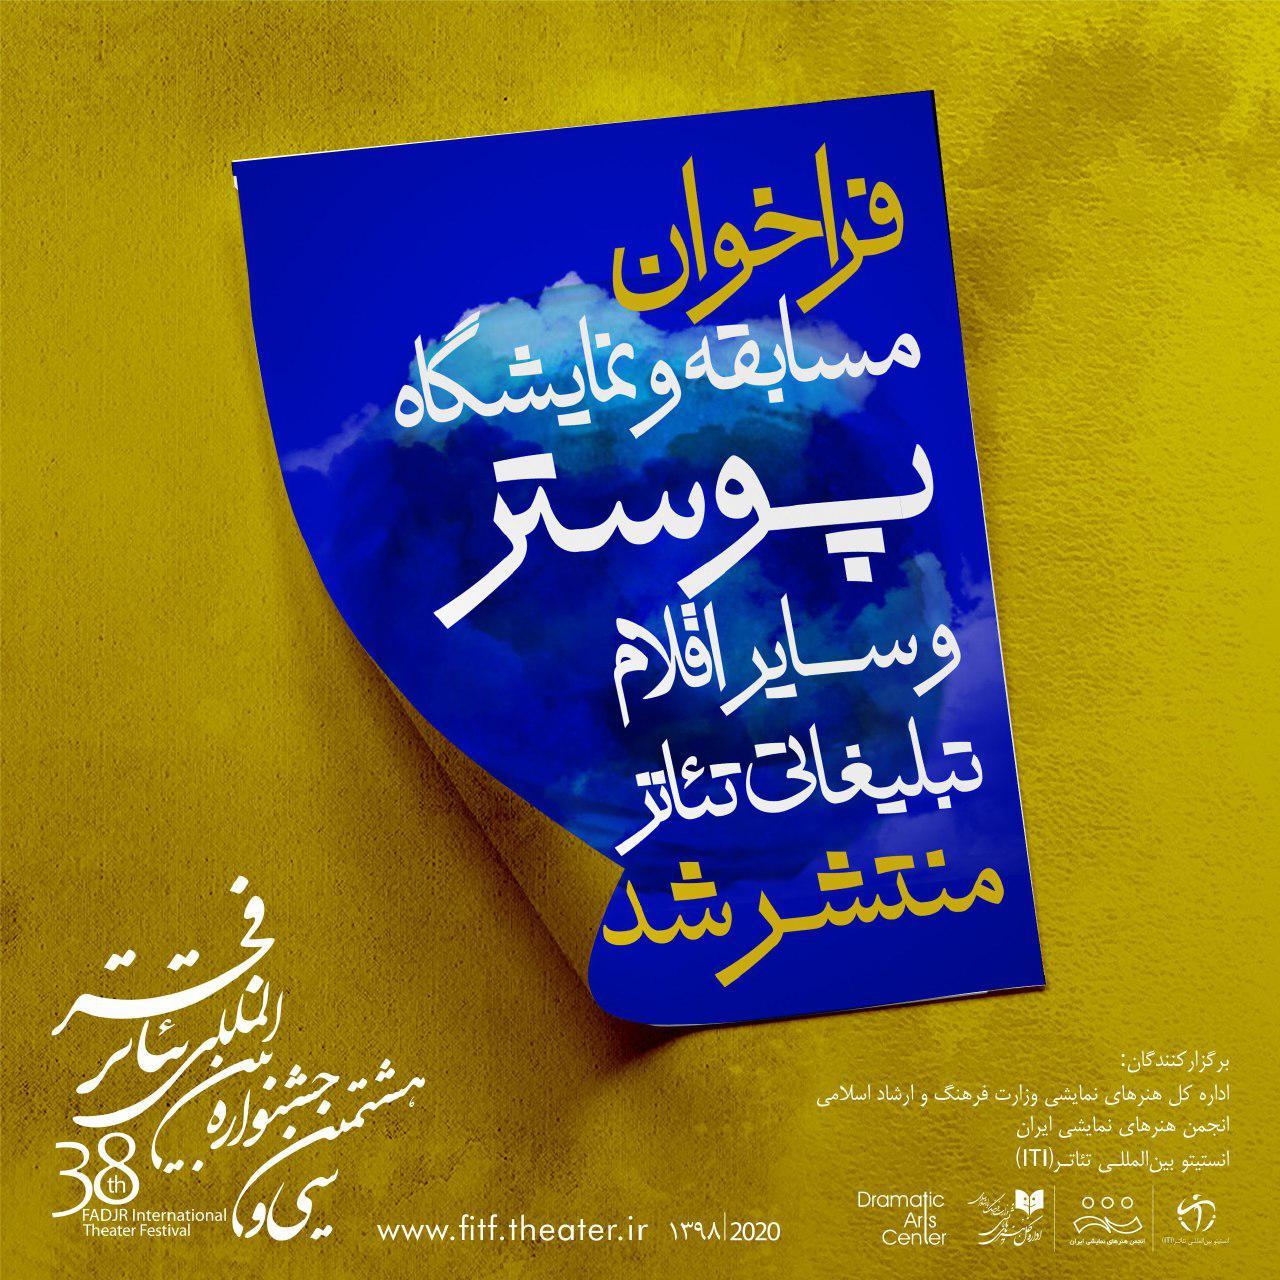 اعلام فراخوان مسابقه و نمایشگاه پوستر و سایراقلام تبلیغاتی جشنواره تئاتر فجر